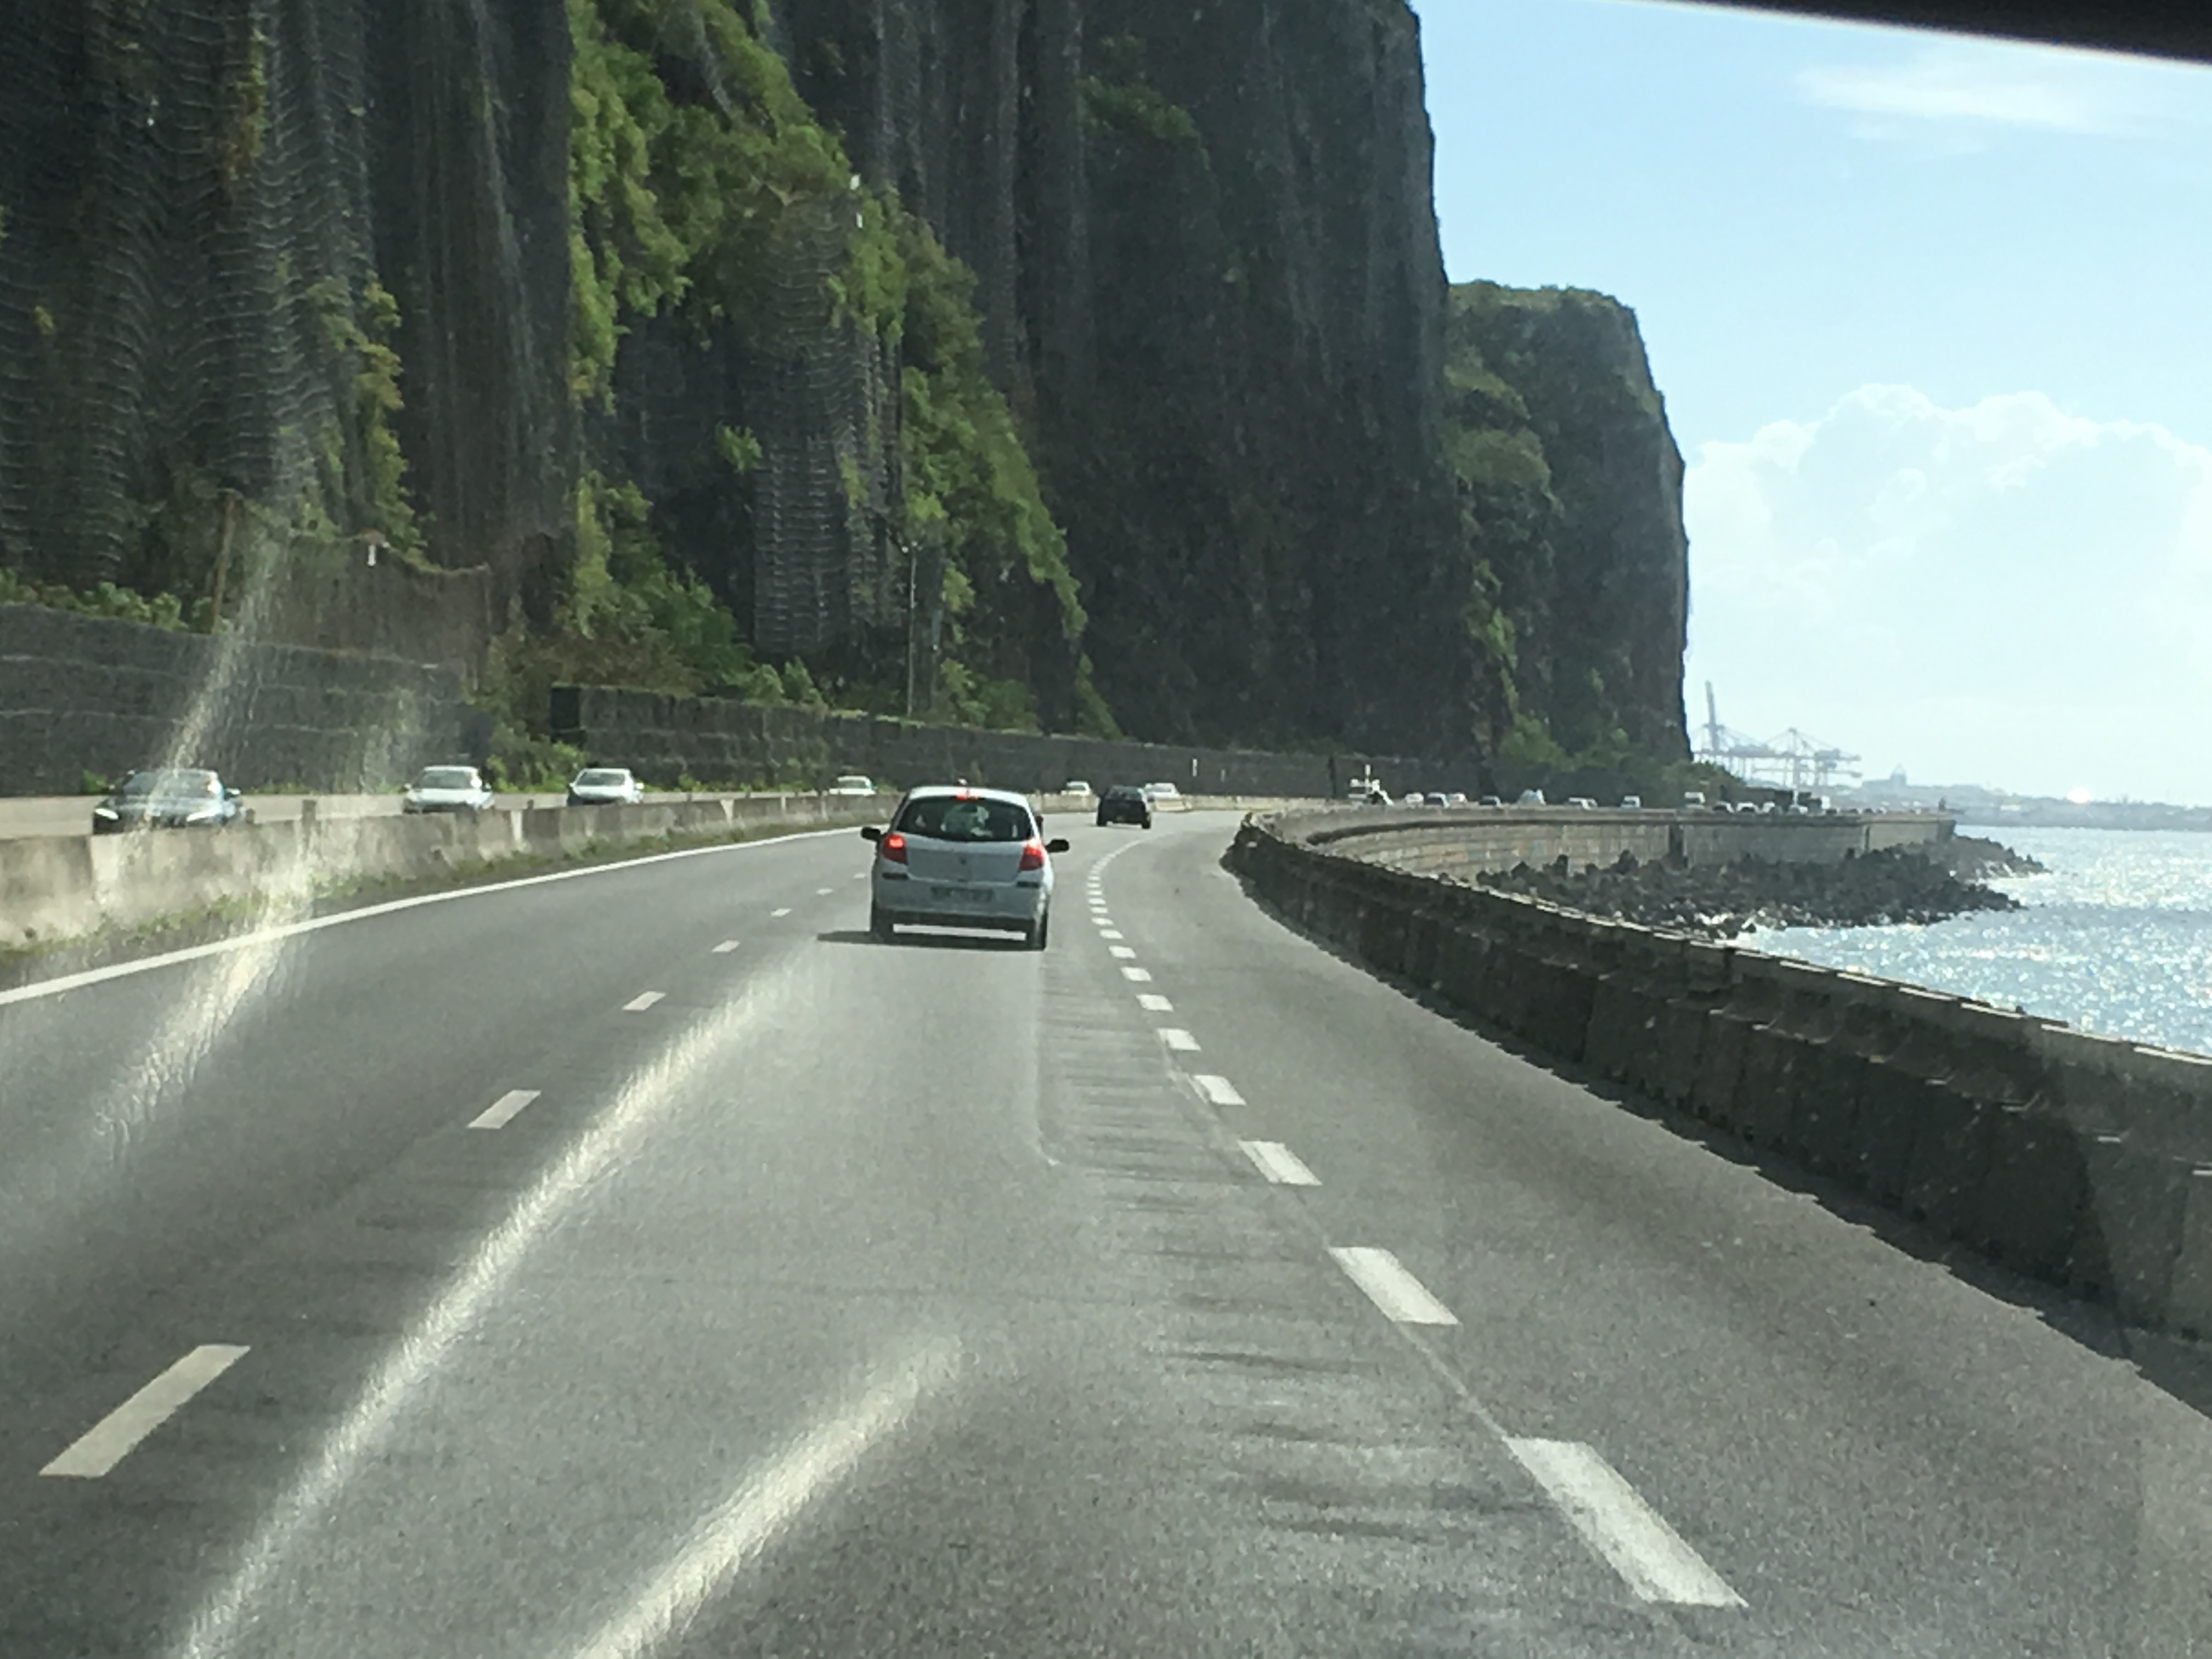 Réunion, tra spiagge bianche e nere ed un vulcano attivo